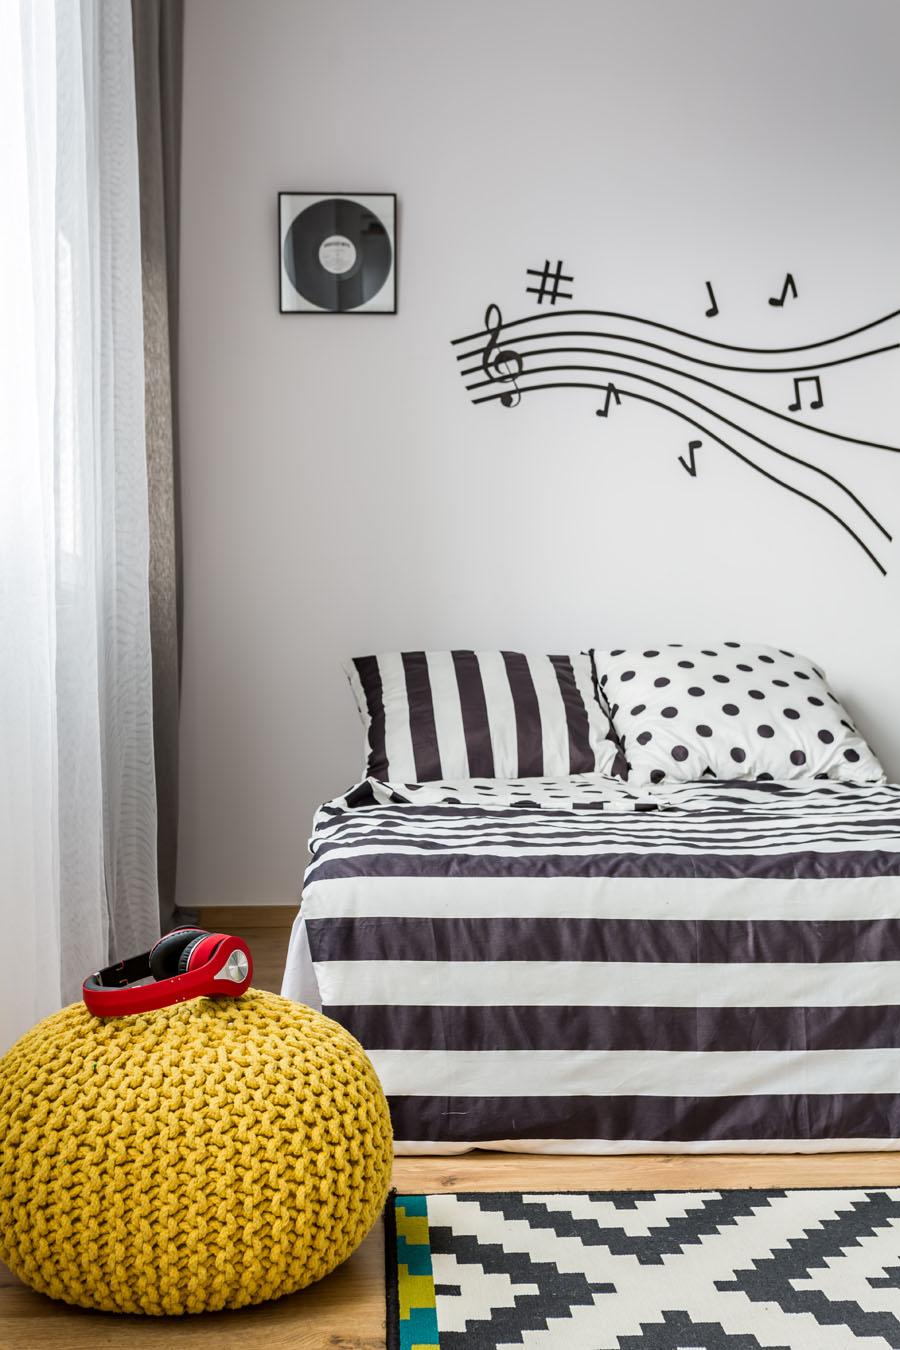 Monohromatski enterijer spavaca soba tarkett